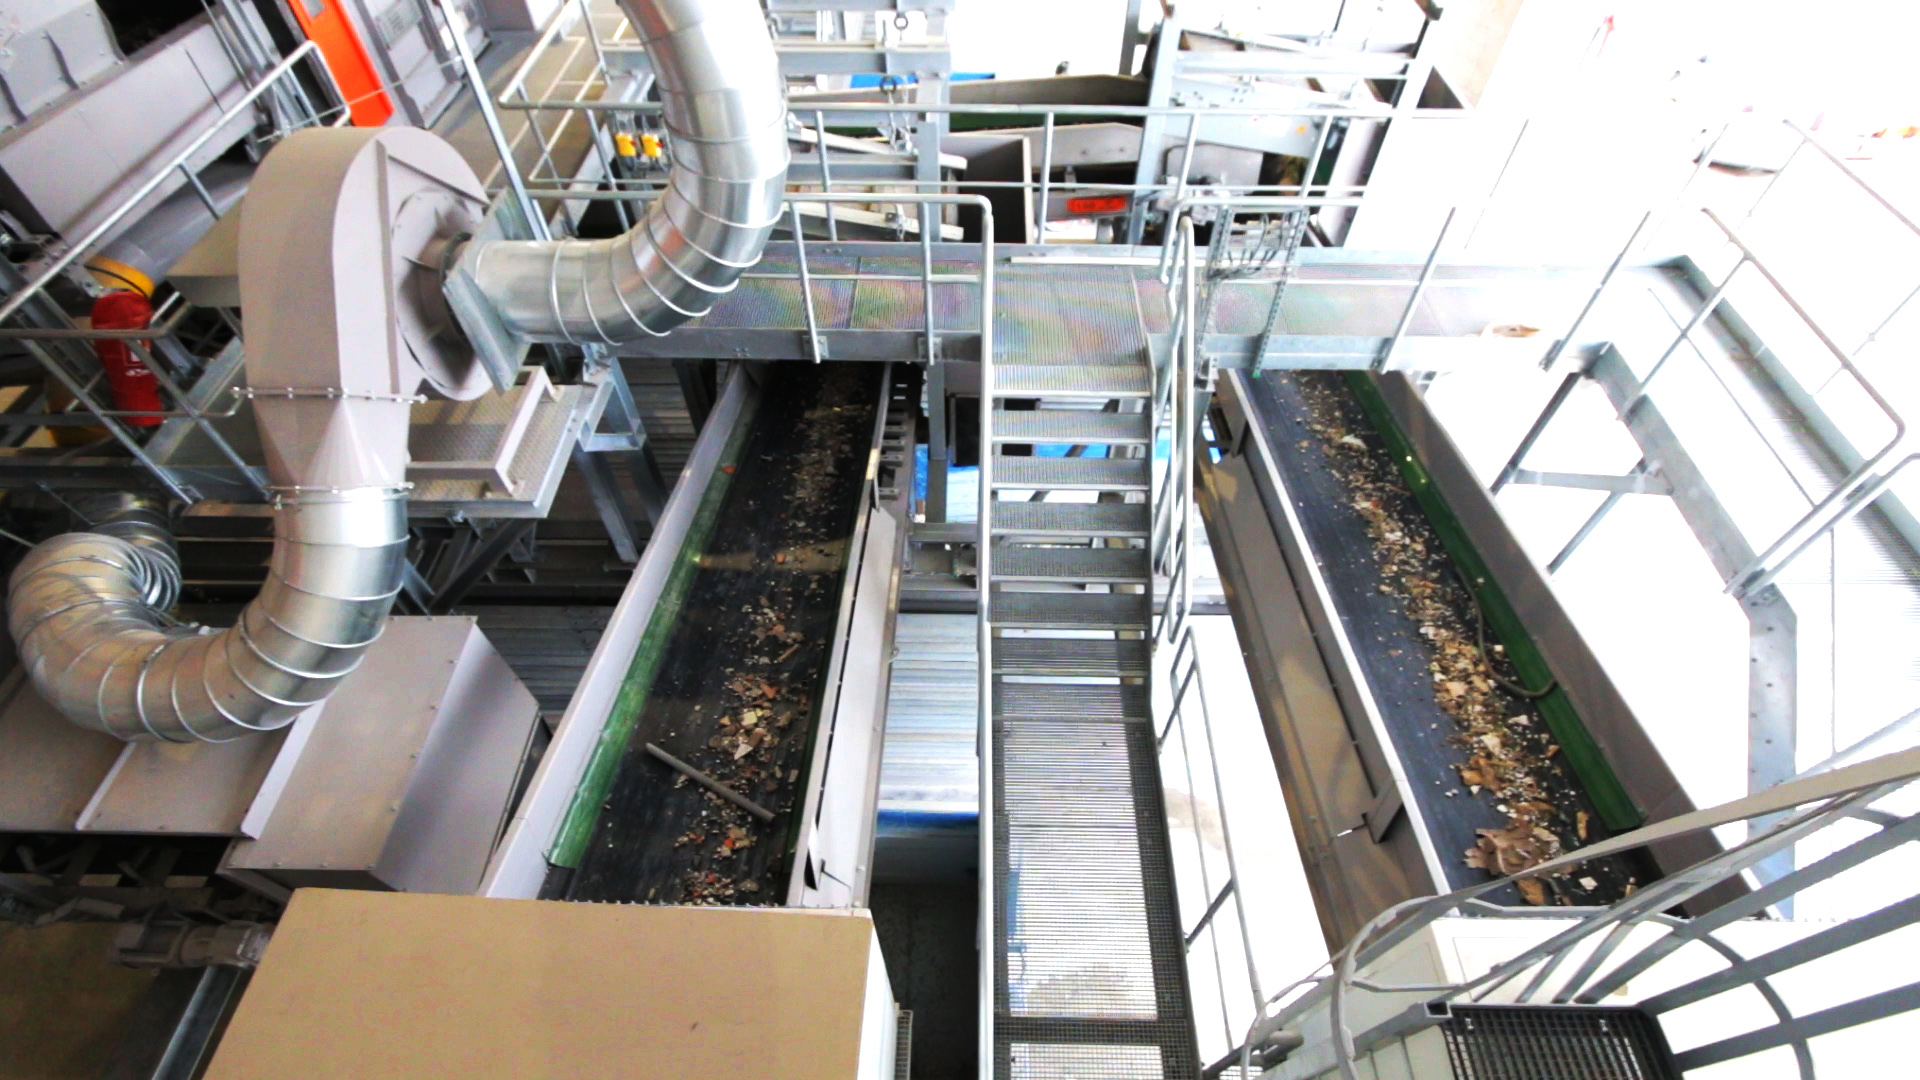 systèmes convoyeurs installation de recyclage encombrants, dechets industriels et de deconstruction